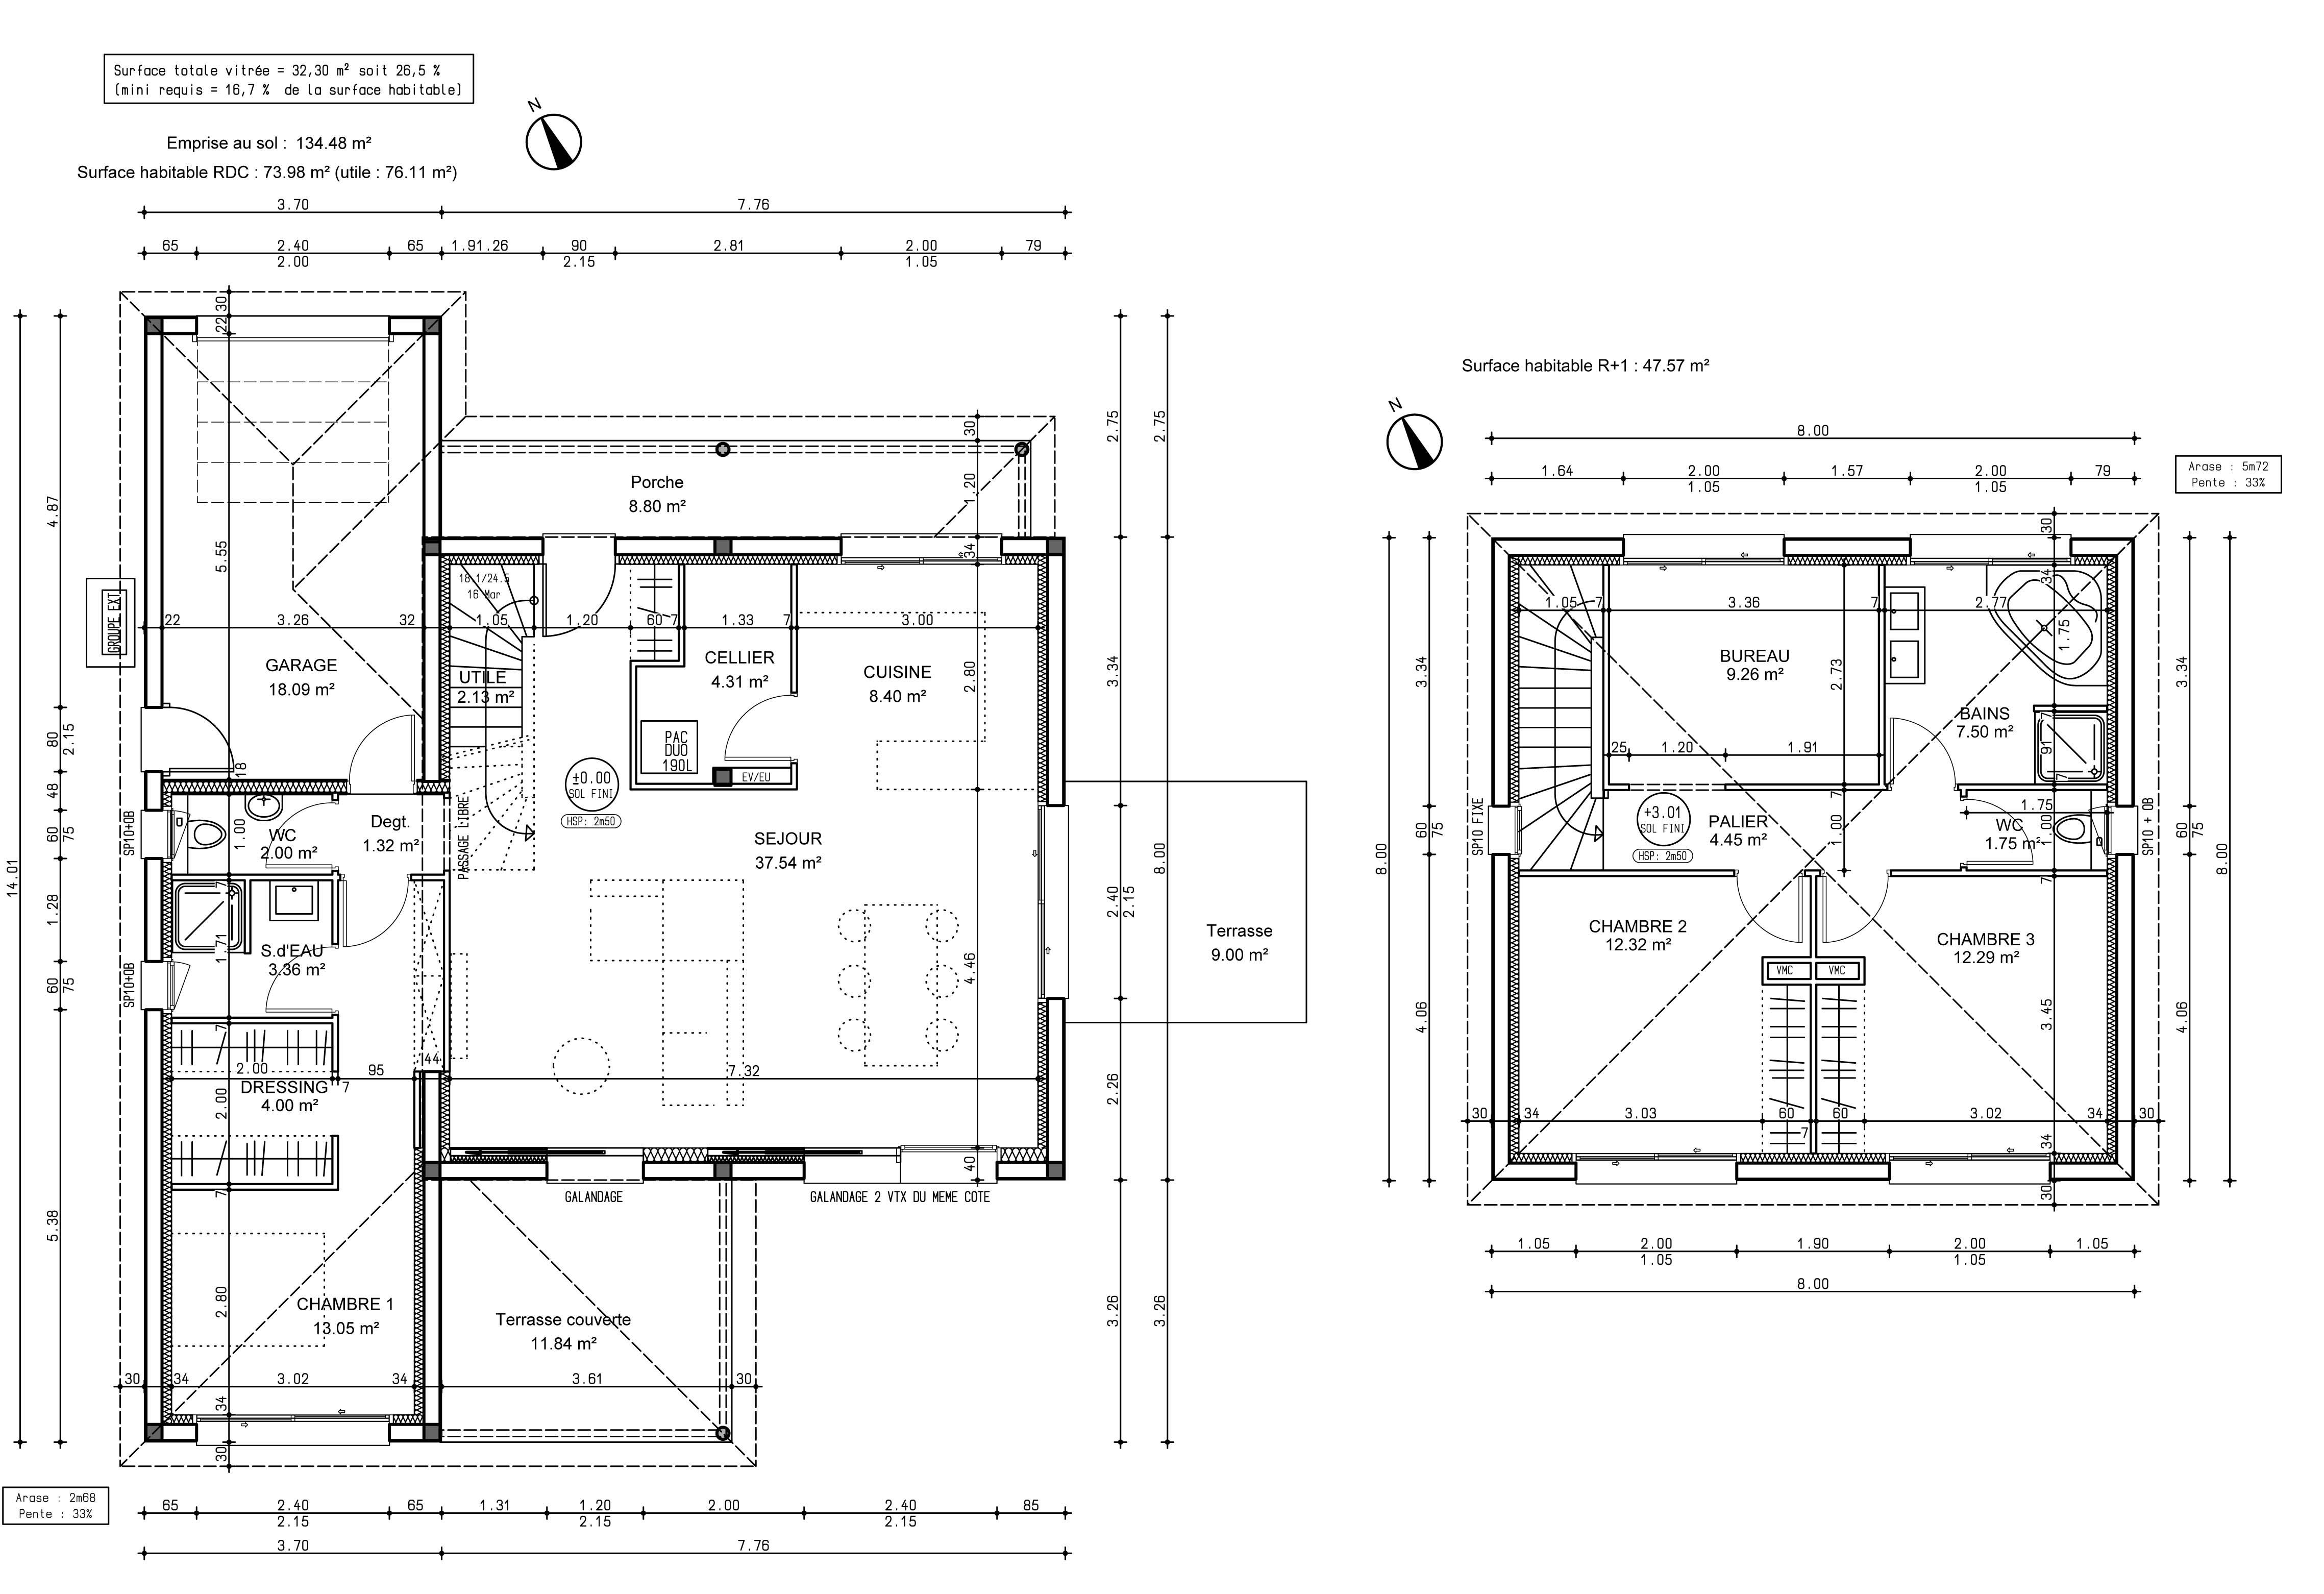 Plus adapté Votre avis sur le plan de ma maison 120 m2 avec étage [Résolu DD-34